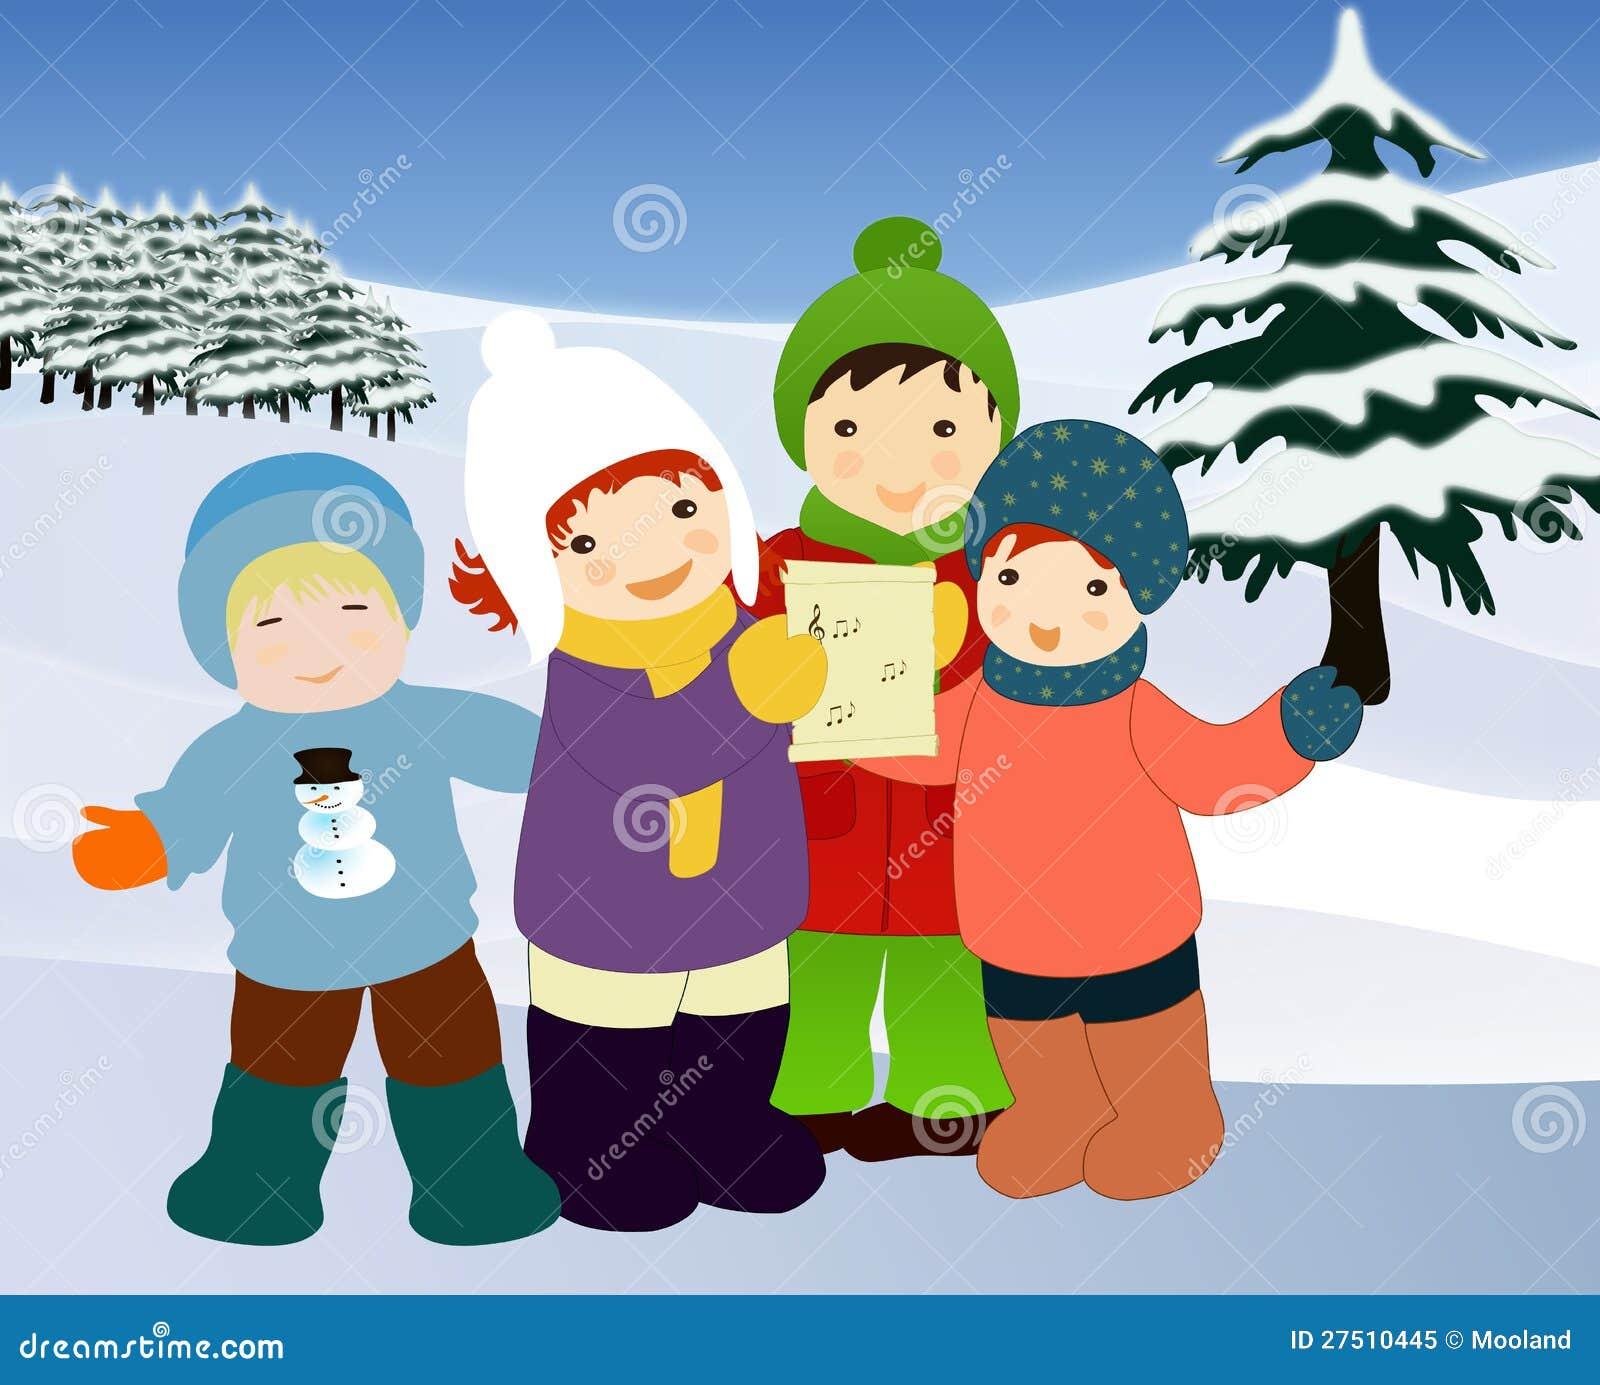 唱颂歌的子项。 圣诞节例证。